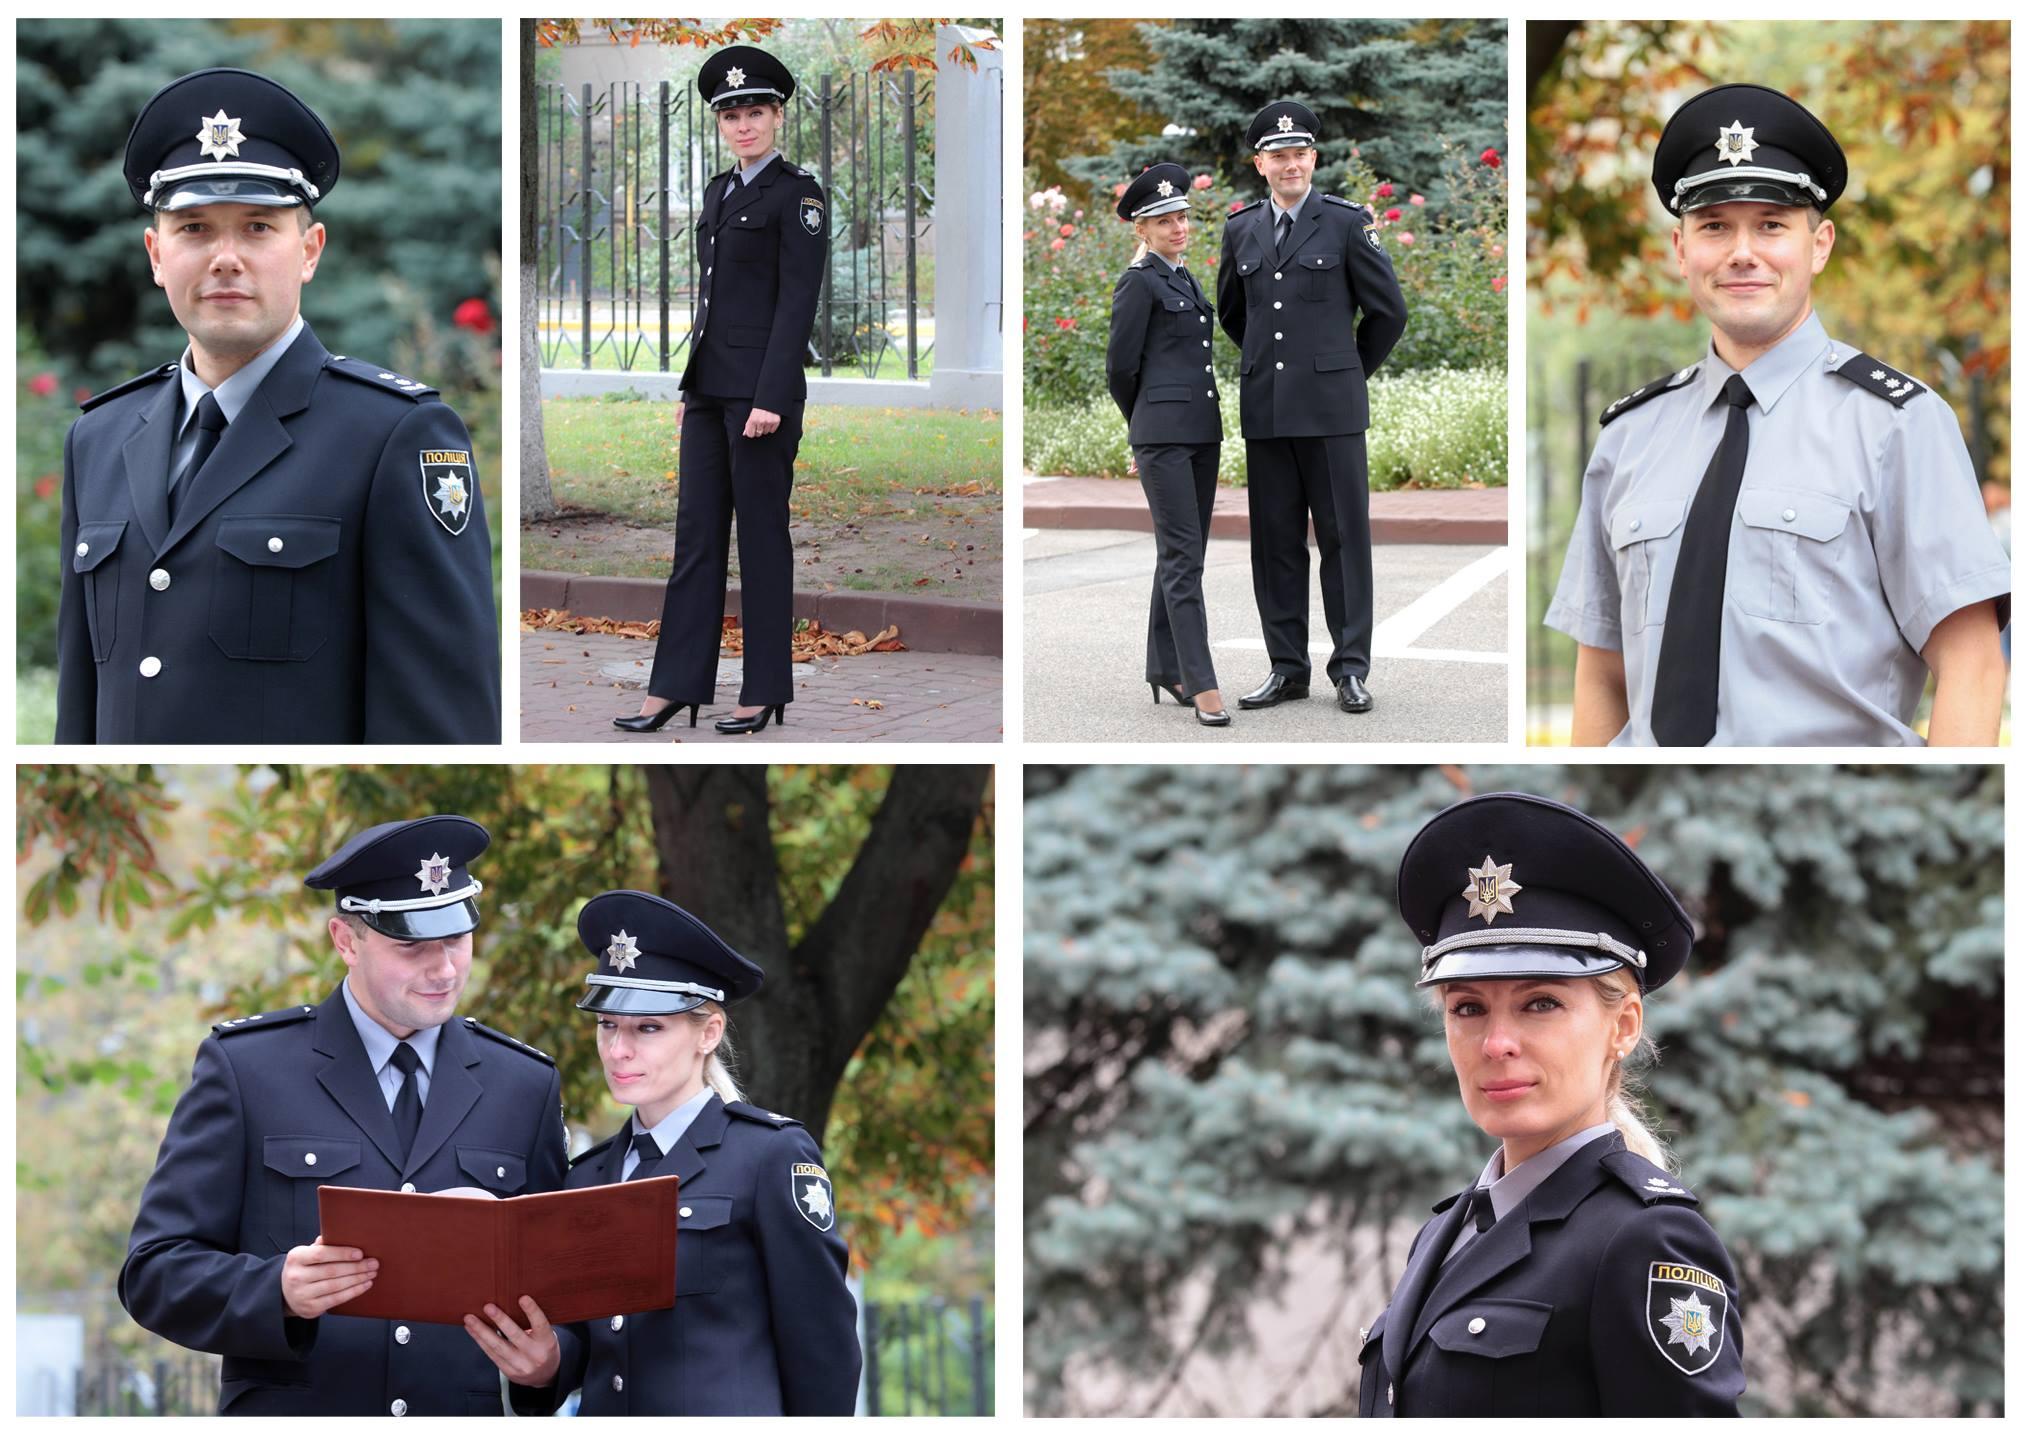 Сделать фото в полицейской форме 26 фотография